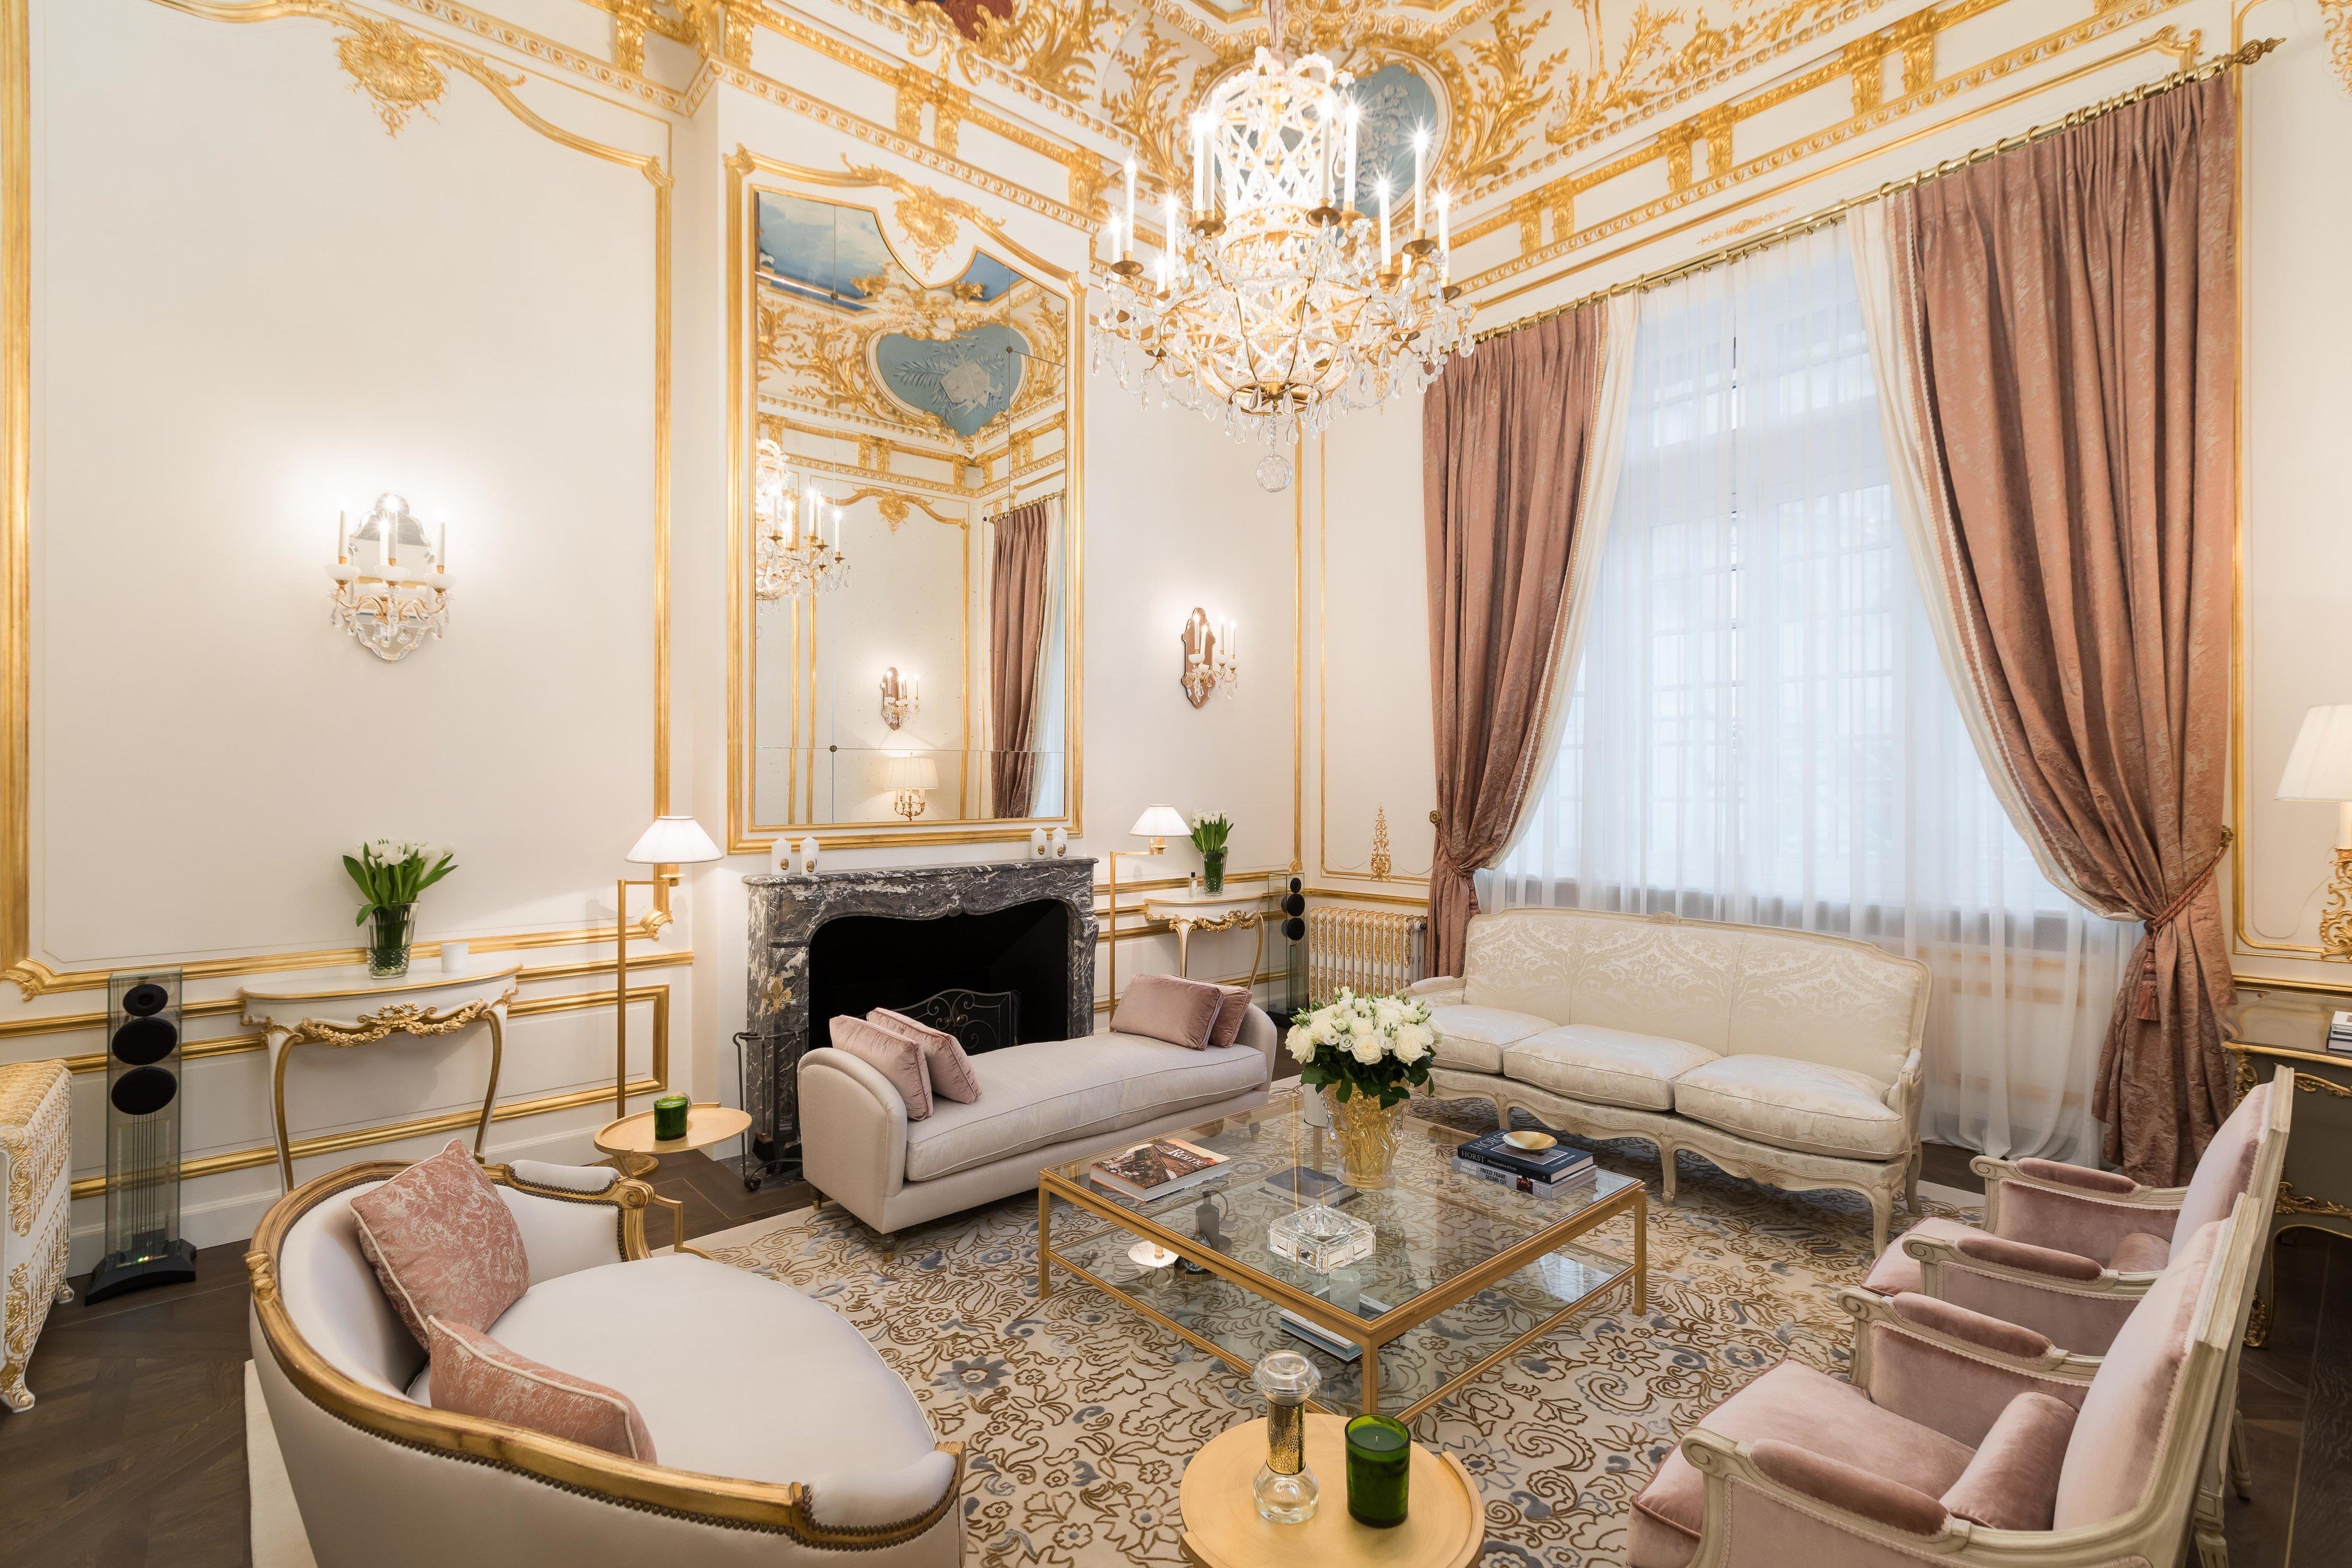 Paris 16th District Square De L Avenue Foch A Luxury Villa Townhouse For Sale In Paris Paris Property Id 3581566 Christie S International Real Estate